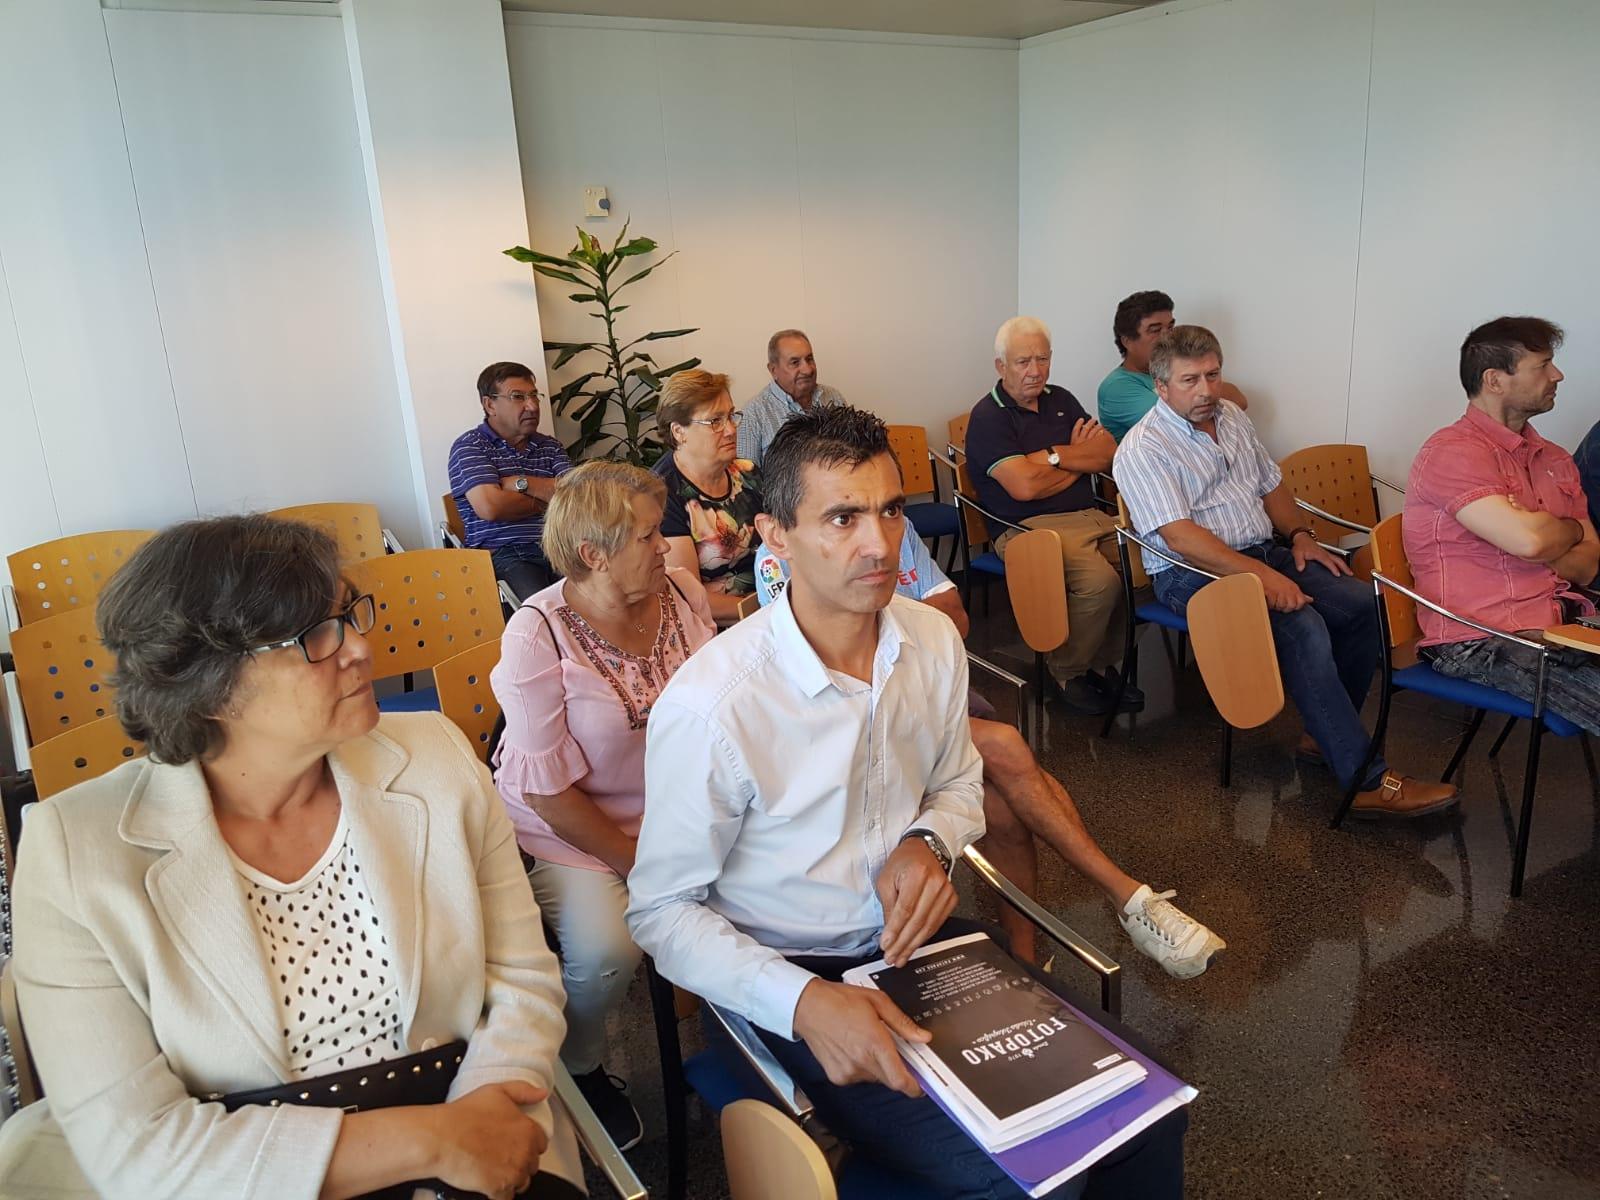 A Xunta de Galicia comprometeuse coa Alcaldesa e veciños a presentar en tres meses un proxecto de mellora da seguridade vial na travesía de A Vaquería